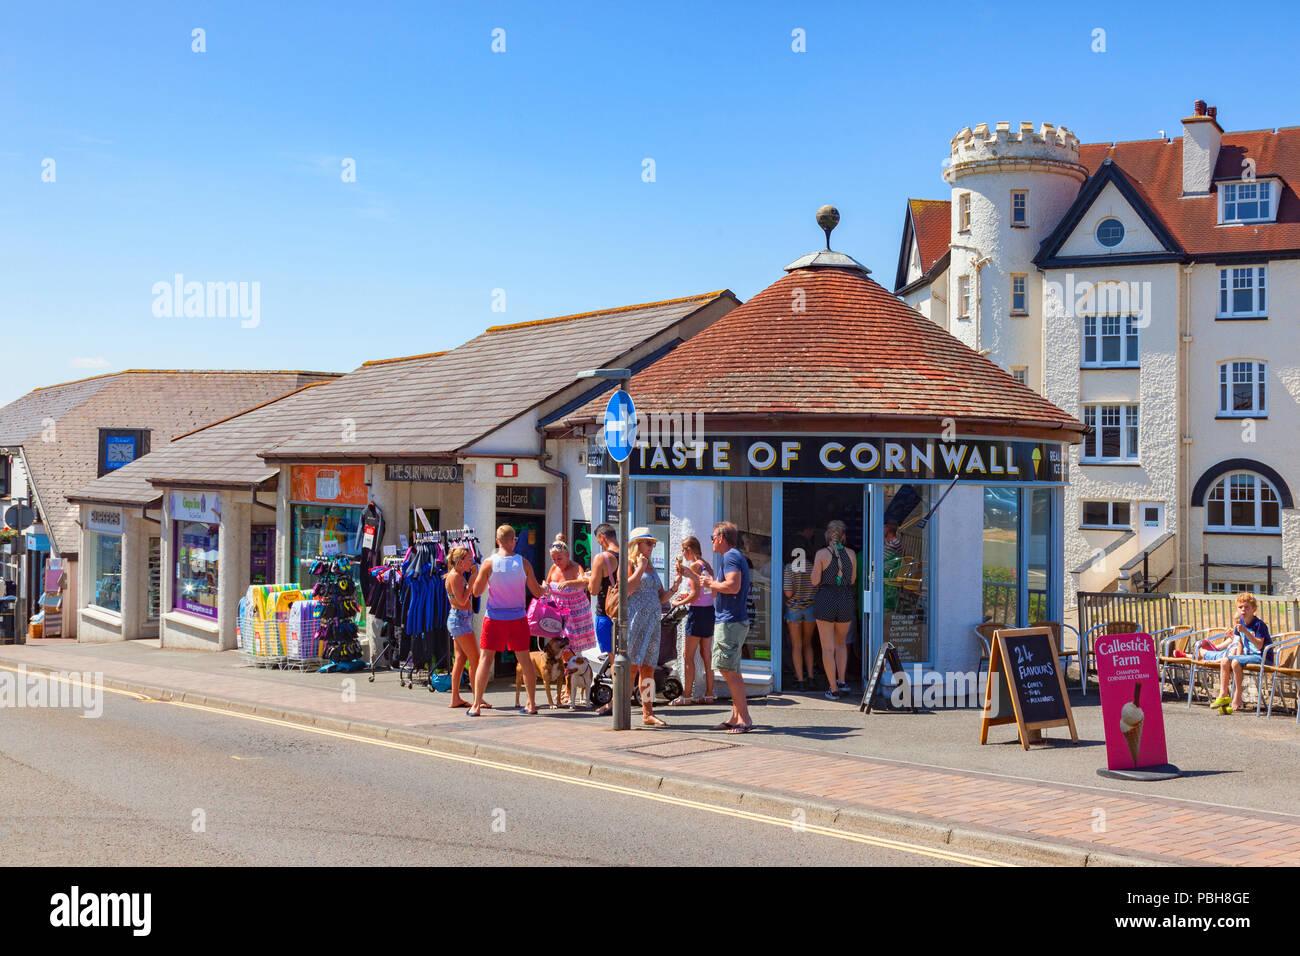 7 Luglio 2018: Bude Cornwall Regno Unito - nella continua hot soleggiato, persone raffreddarsi a mangiare il gelato al di fuori del gusto di Cornovaglia in Belle vista. Immagini Stock